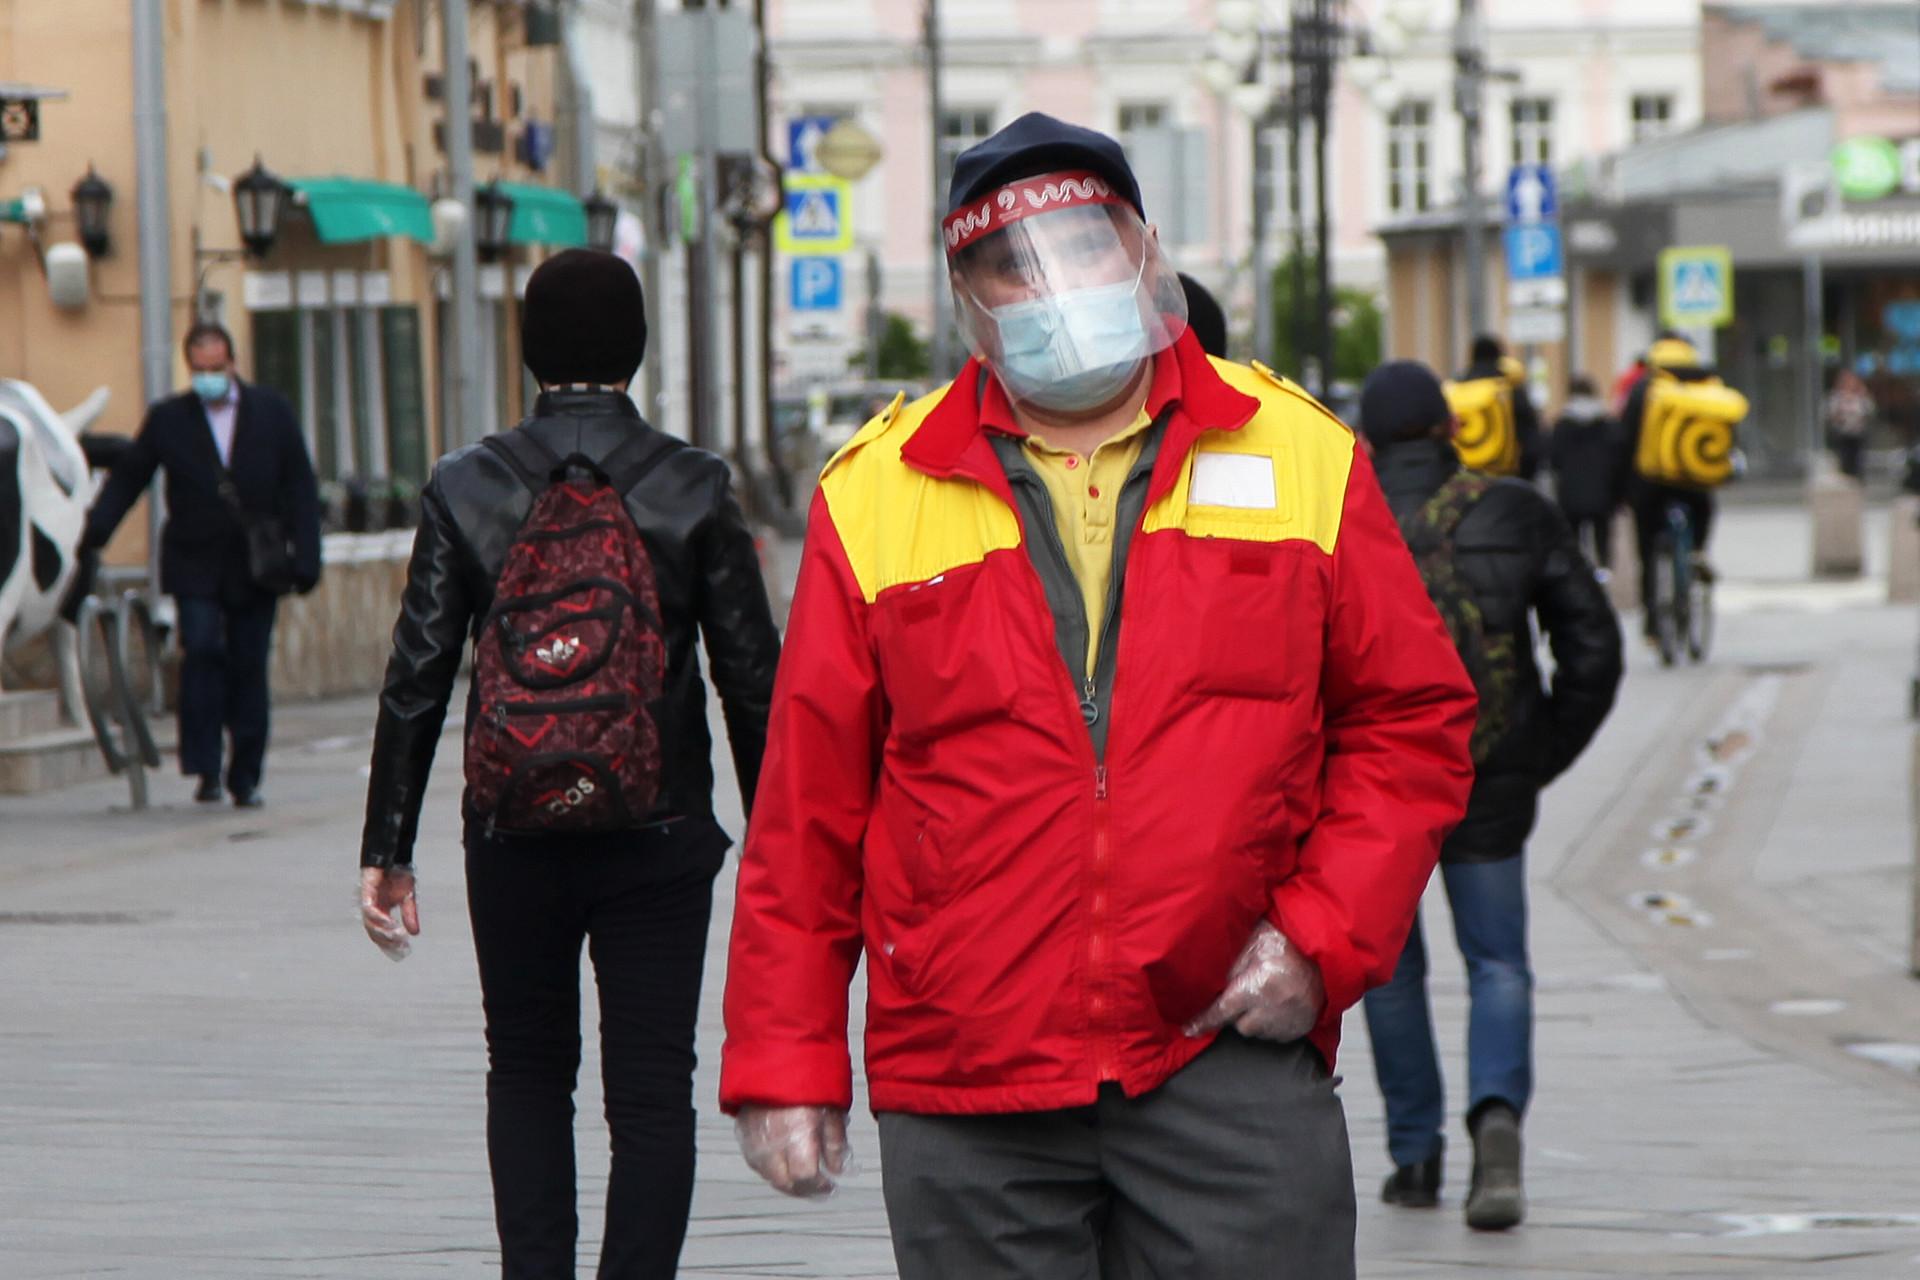 Seorang pria mengenakan pelindung wajah saat berjalan di Klimentovskiy Pereulok, tidak jauh dari Stasiun Metro Tretyakovskaya.